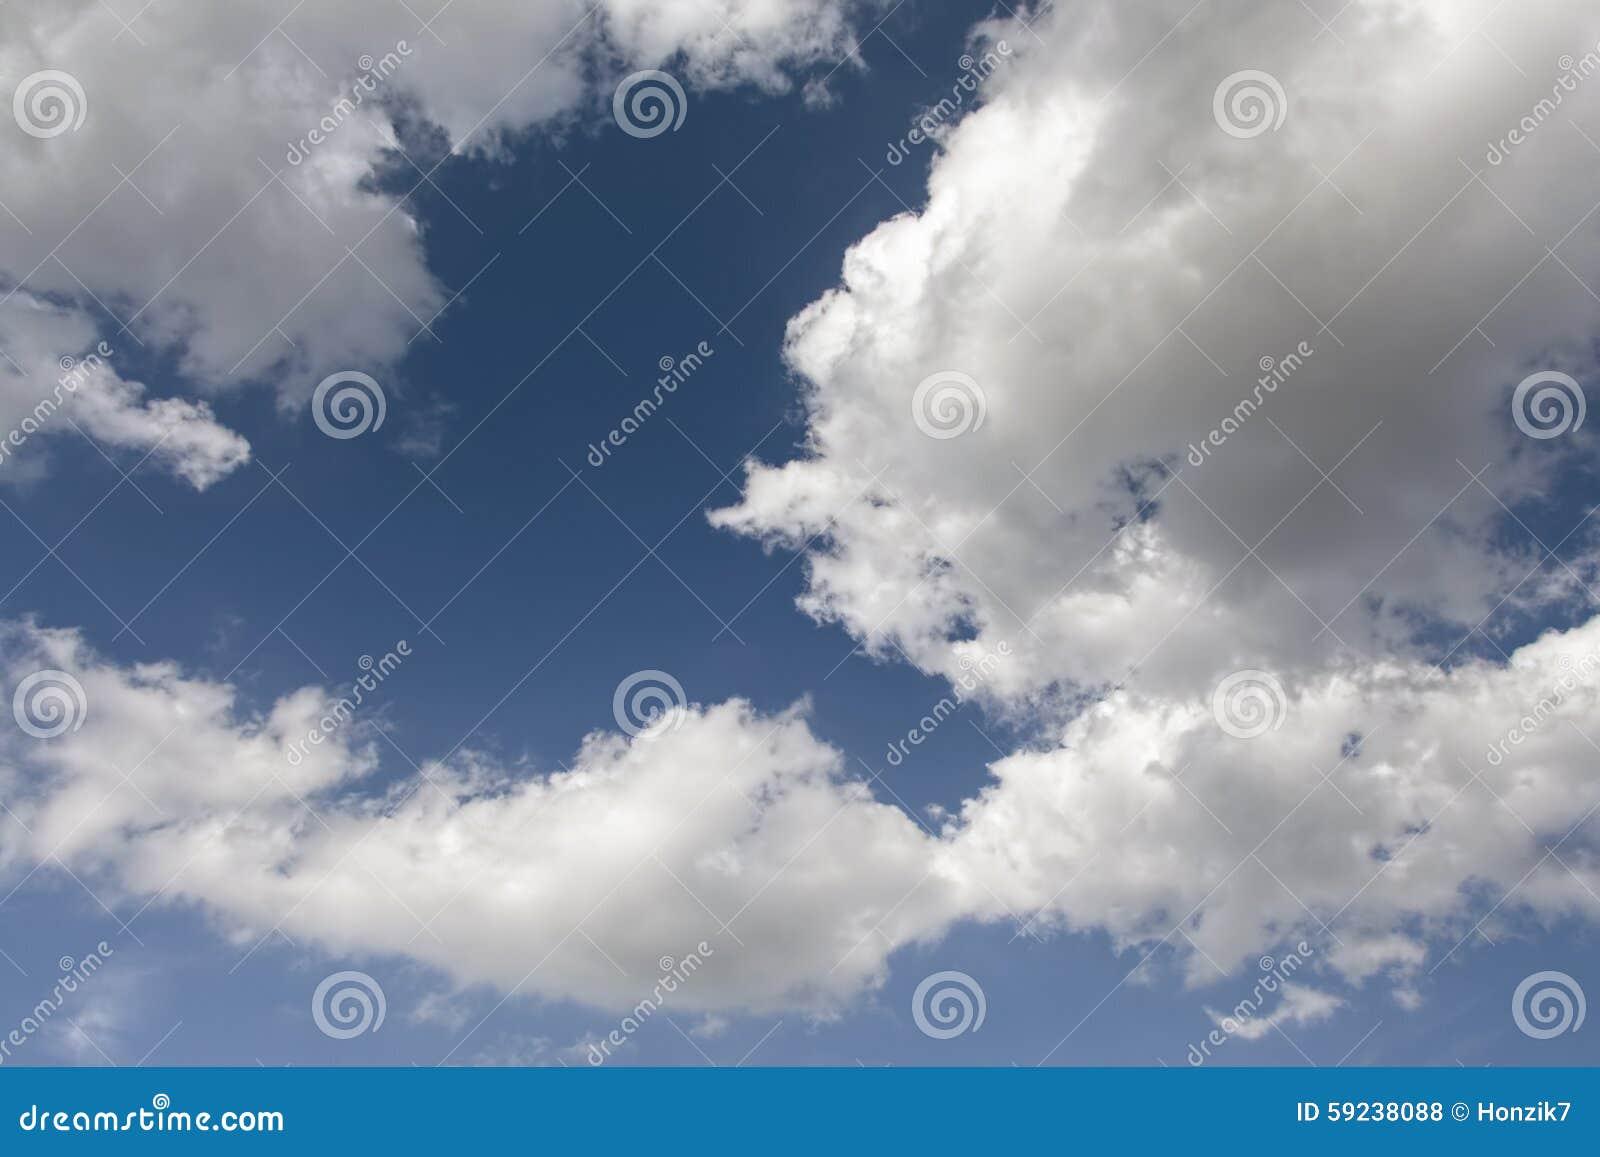 Download Cielo azul con las nubes foto de archivo. Imagen de clima - 59238088